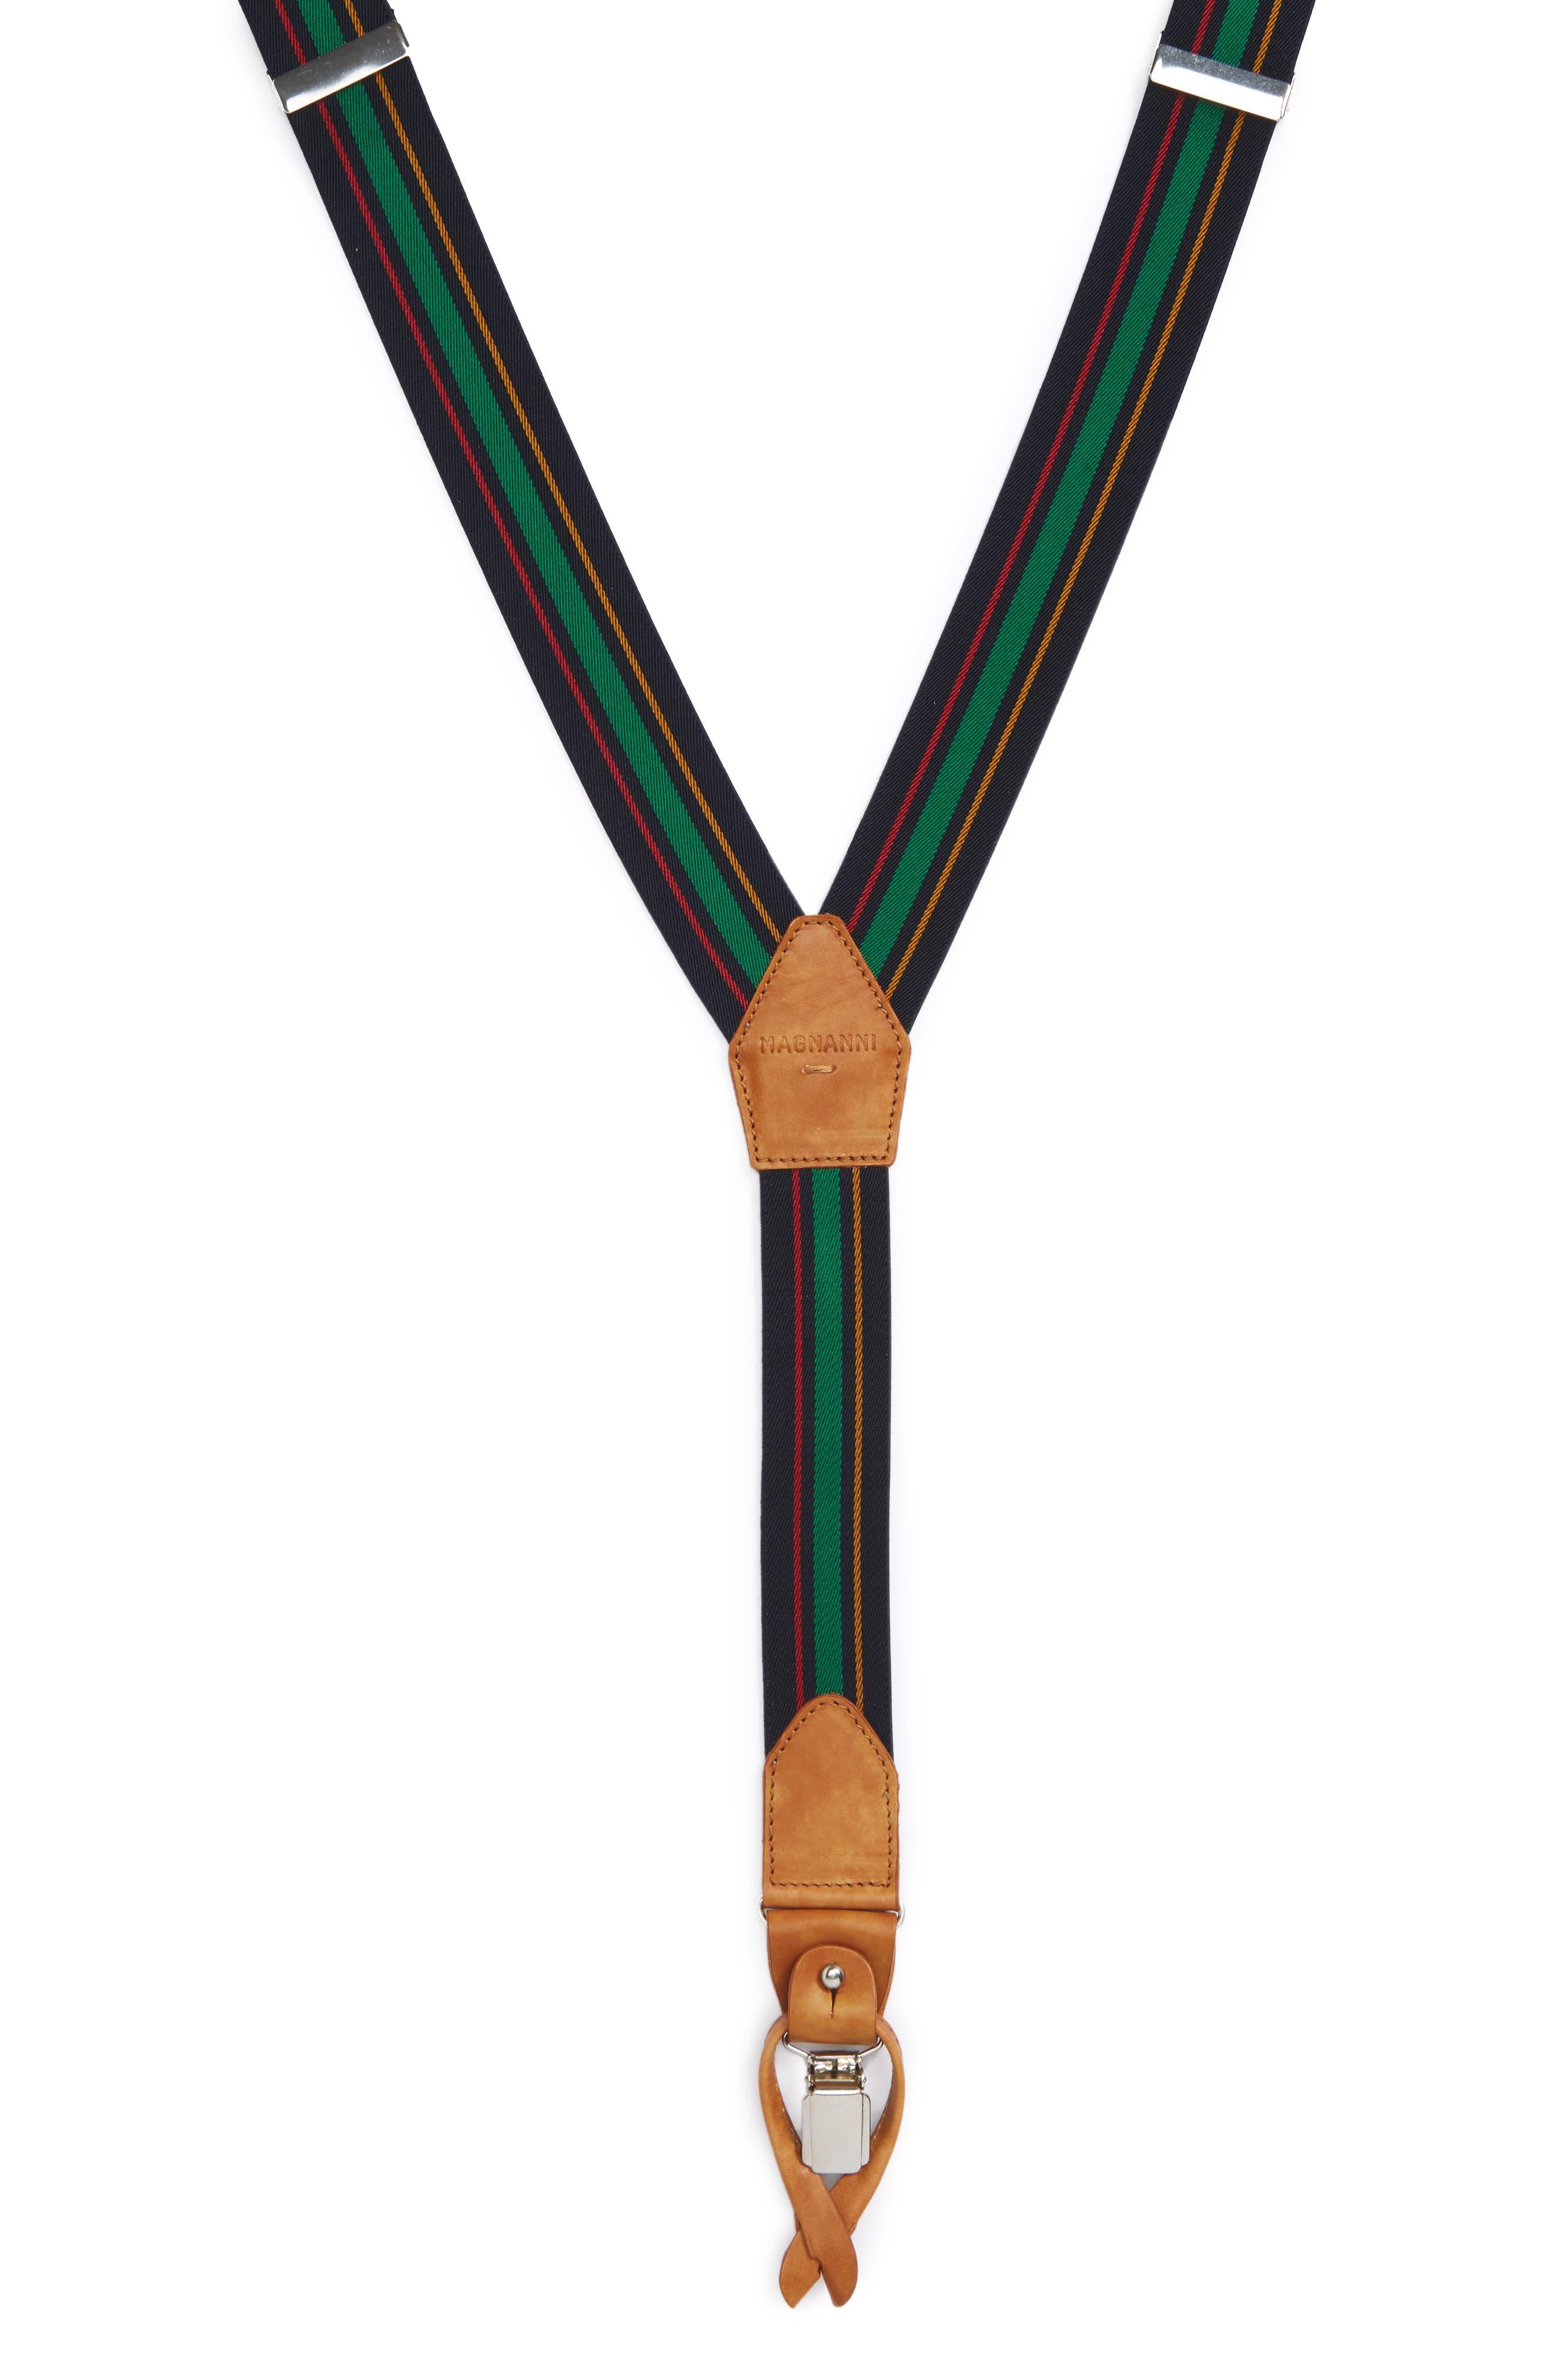 Magnanni Stripe Suspenders